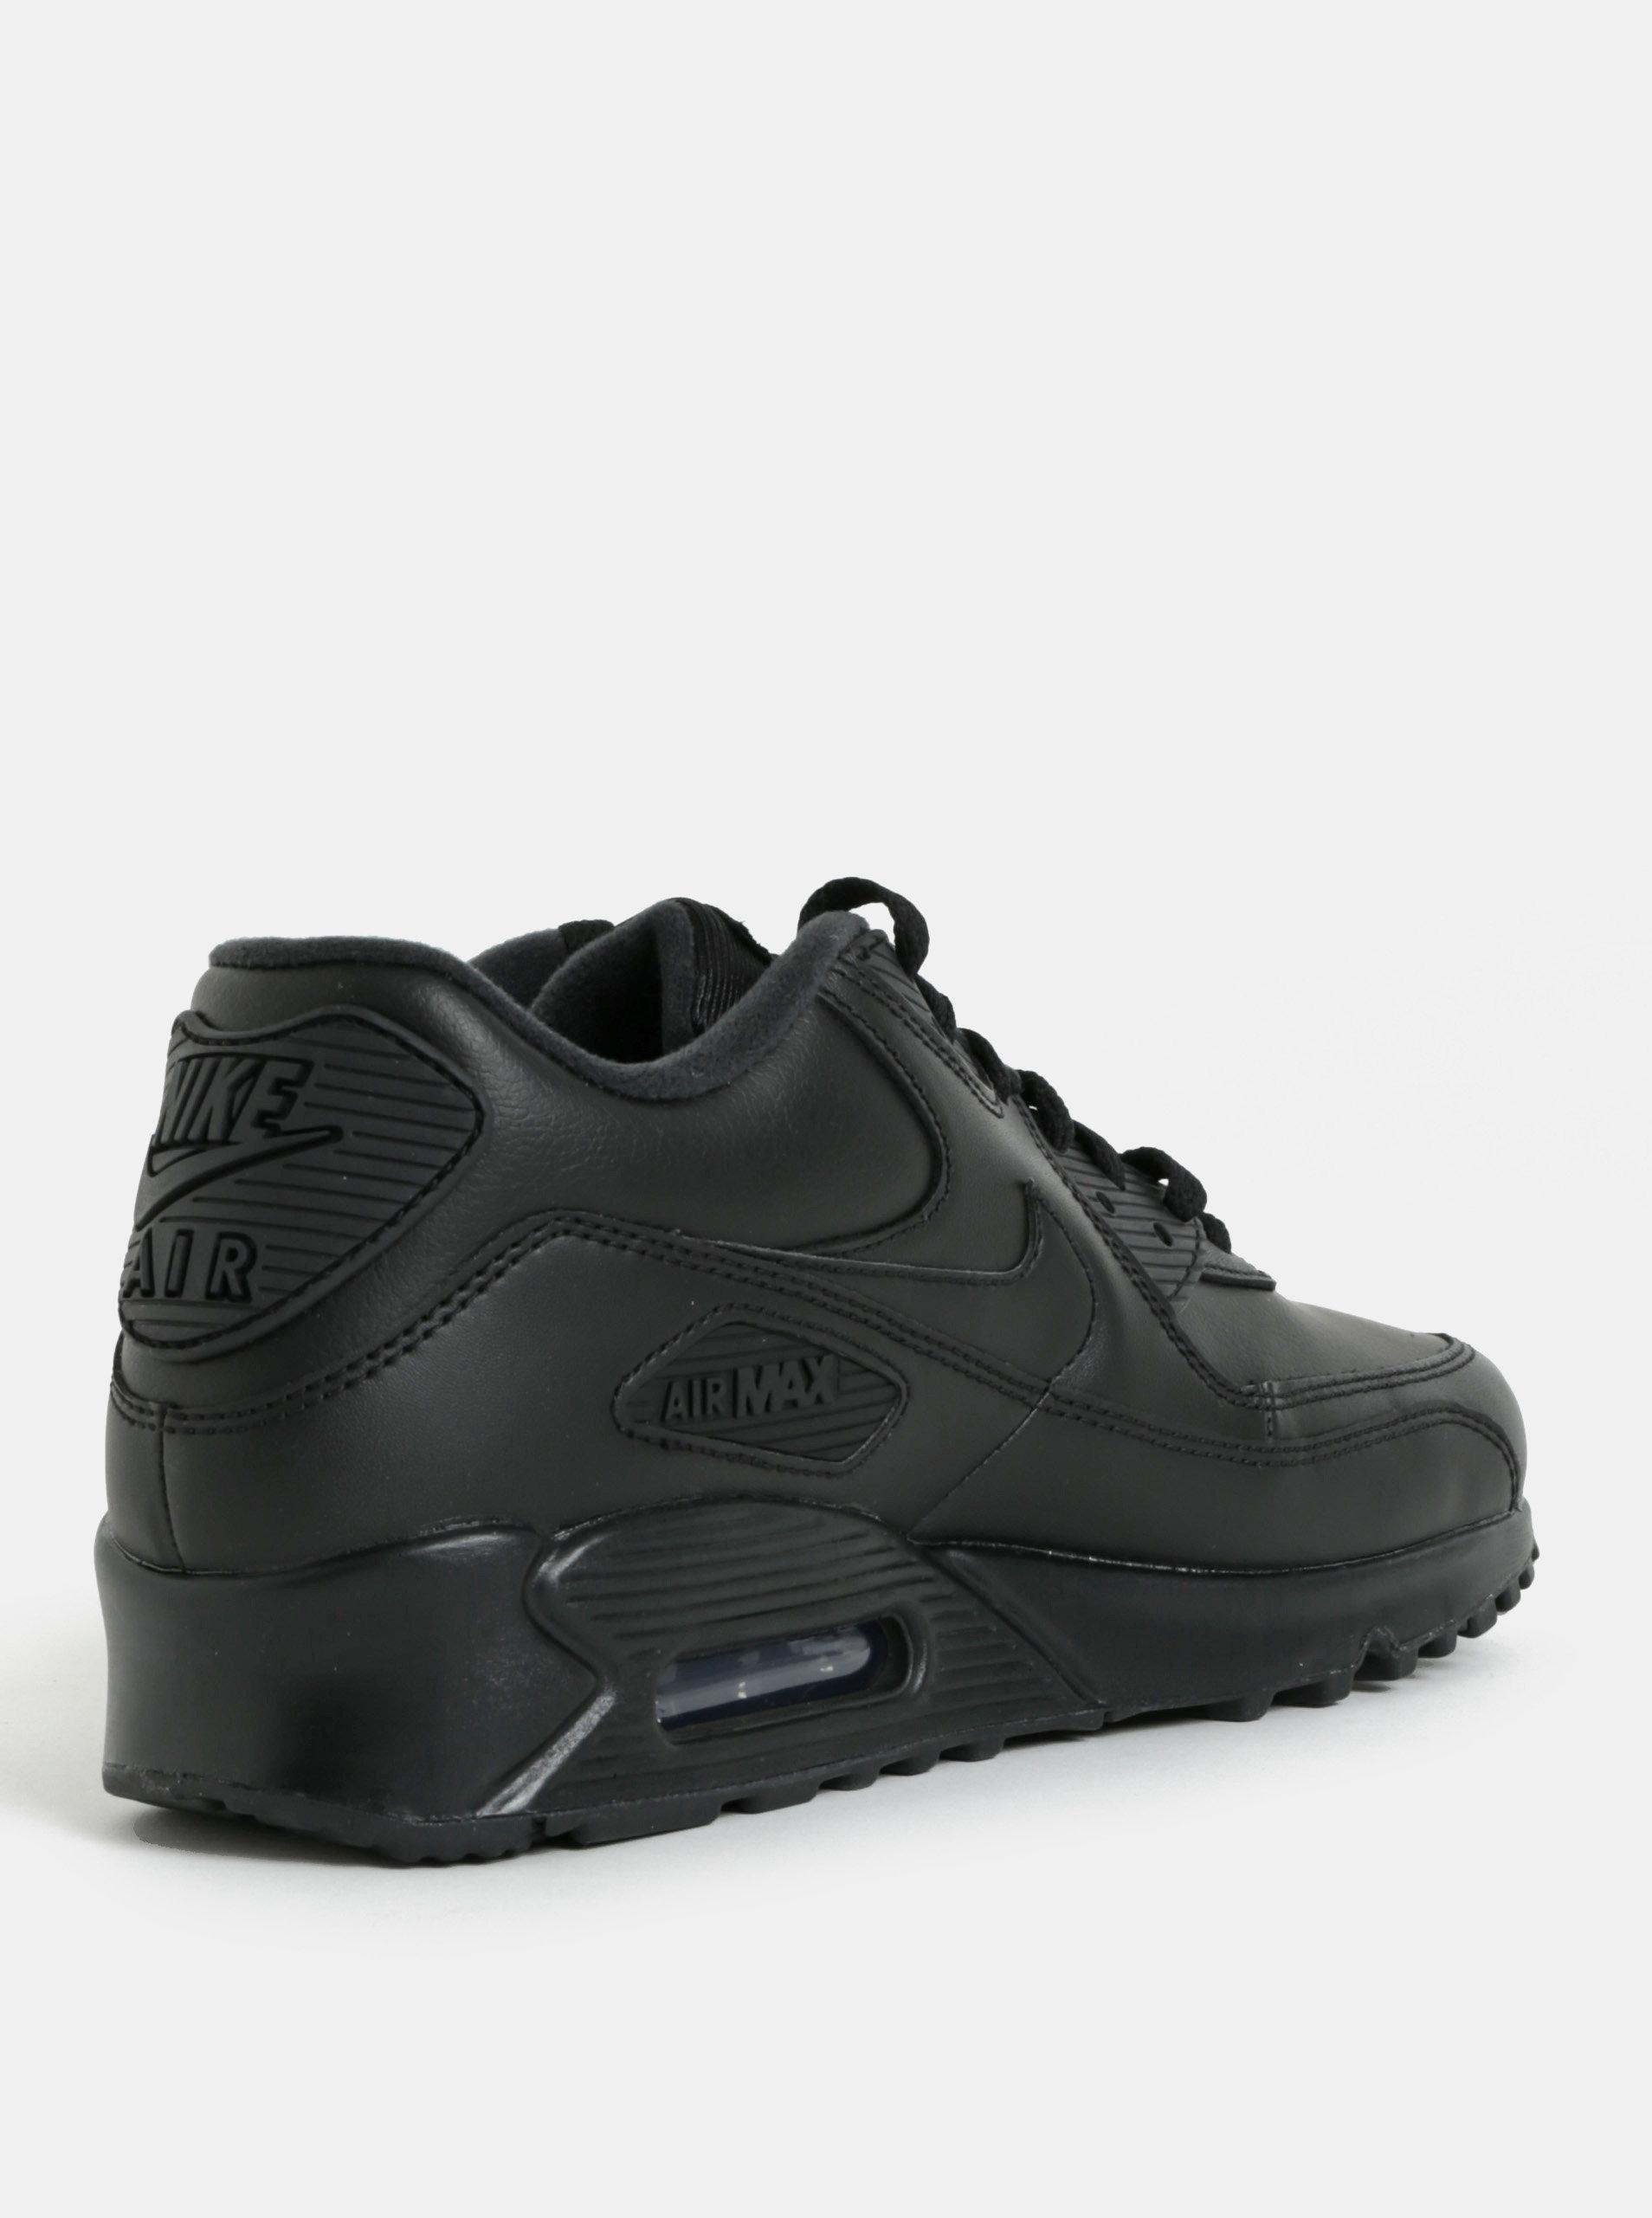 7e702f9033202 Čierne pánske kožené tenisky Nike Air Max '90 Leather   ZOOT.sk